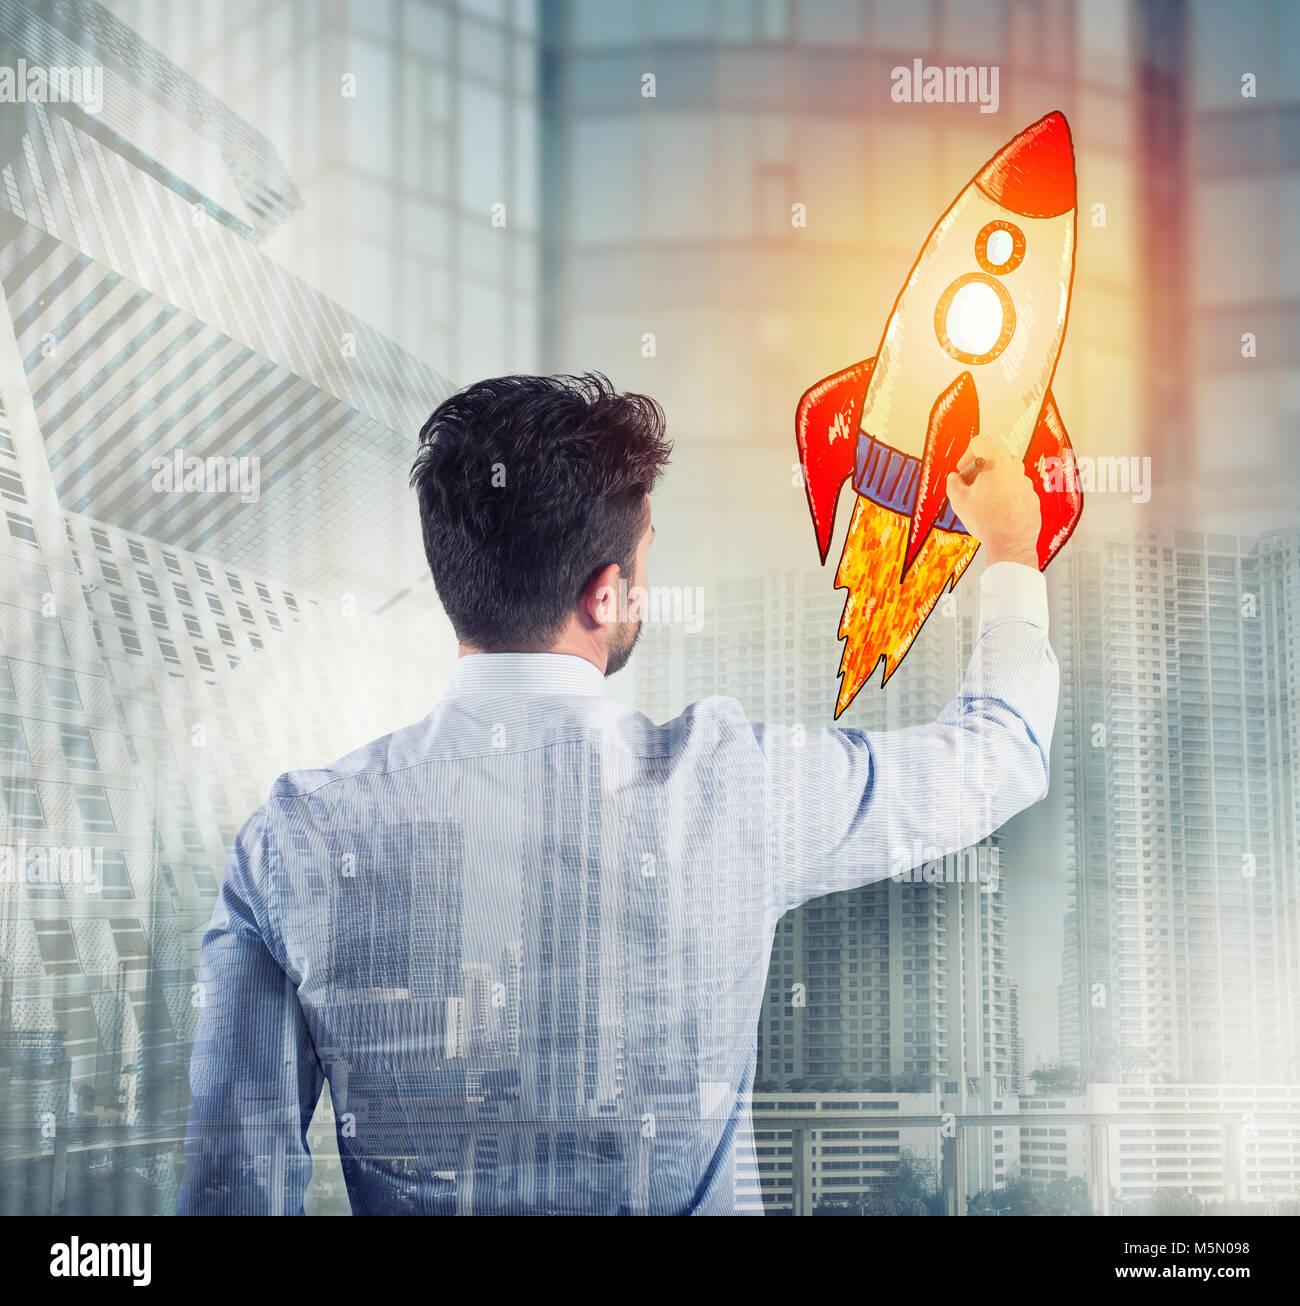 Imprenditore di disegno di un razzo. Concetto di miglioramento del business e enterprise startup Immagini Stock